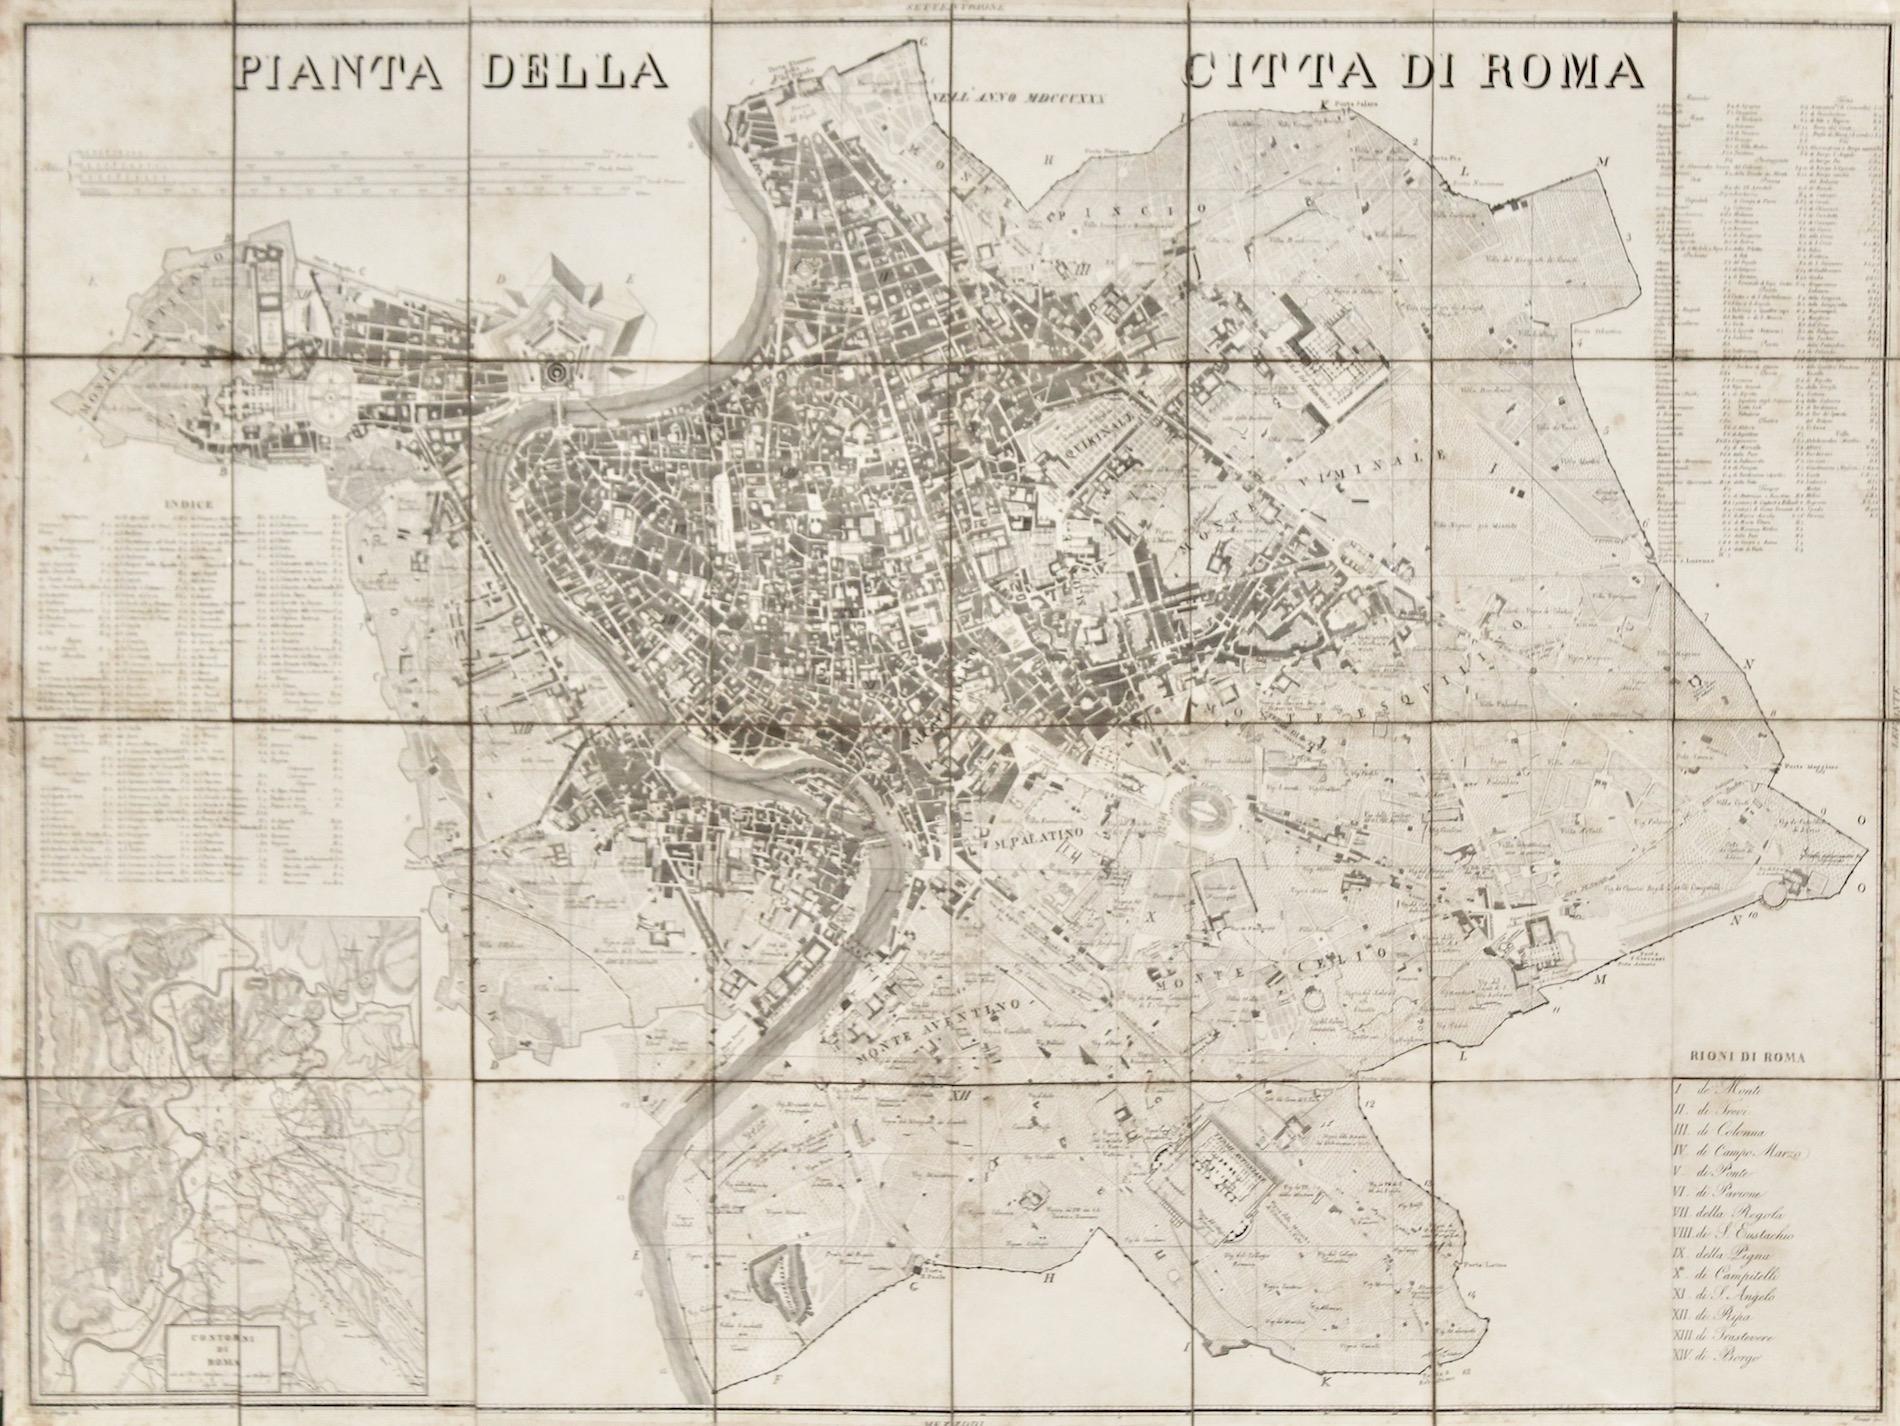 Pianta della citt? di Roma nellíanno 1830.: STIER.